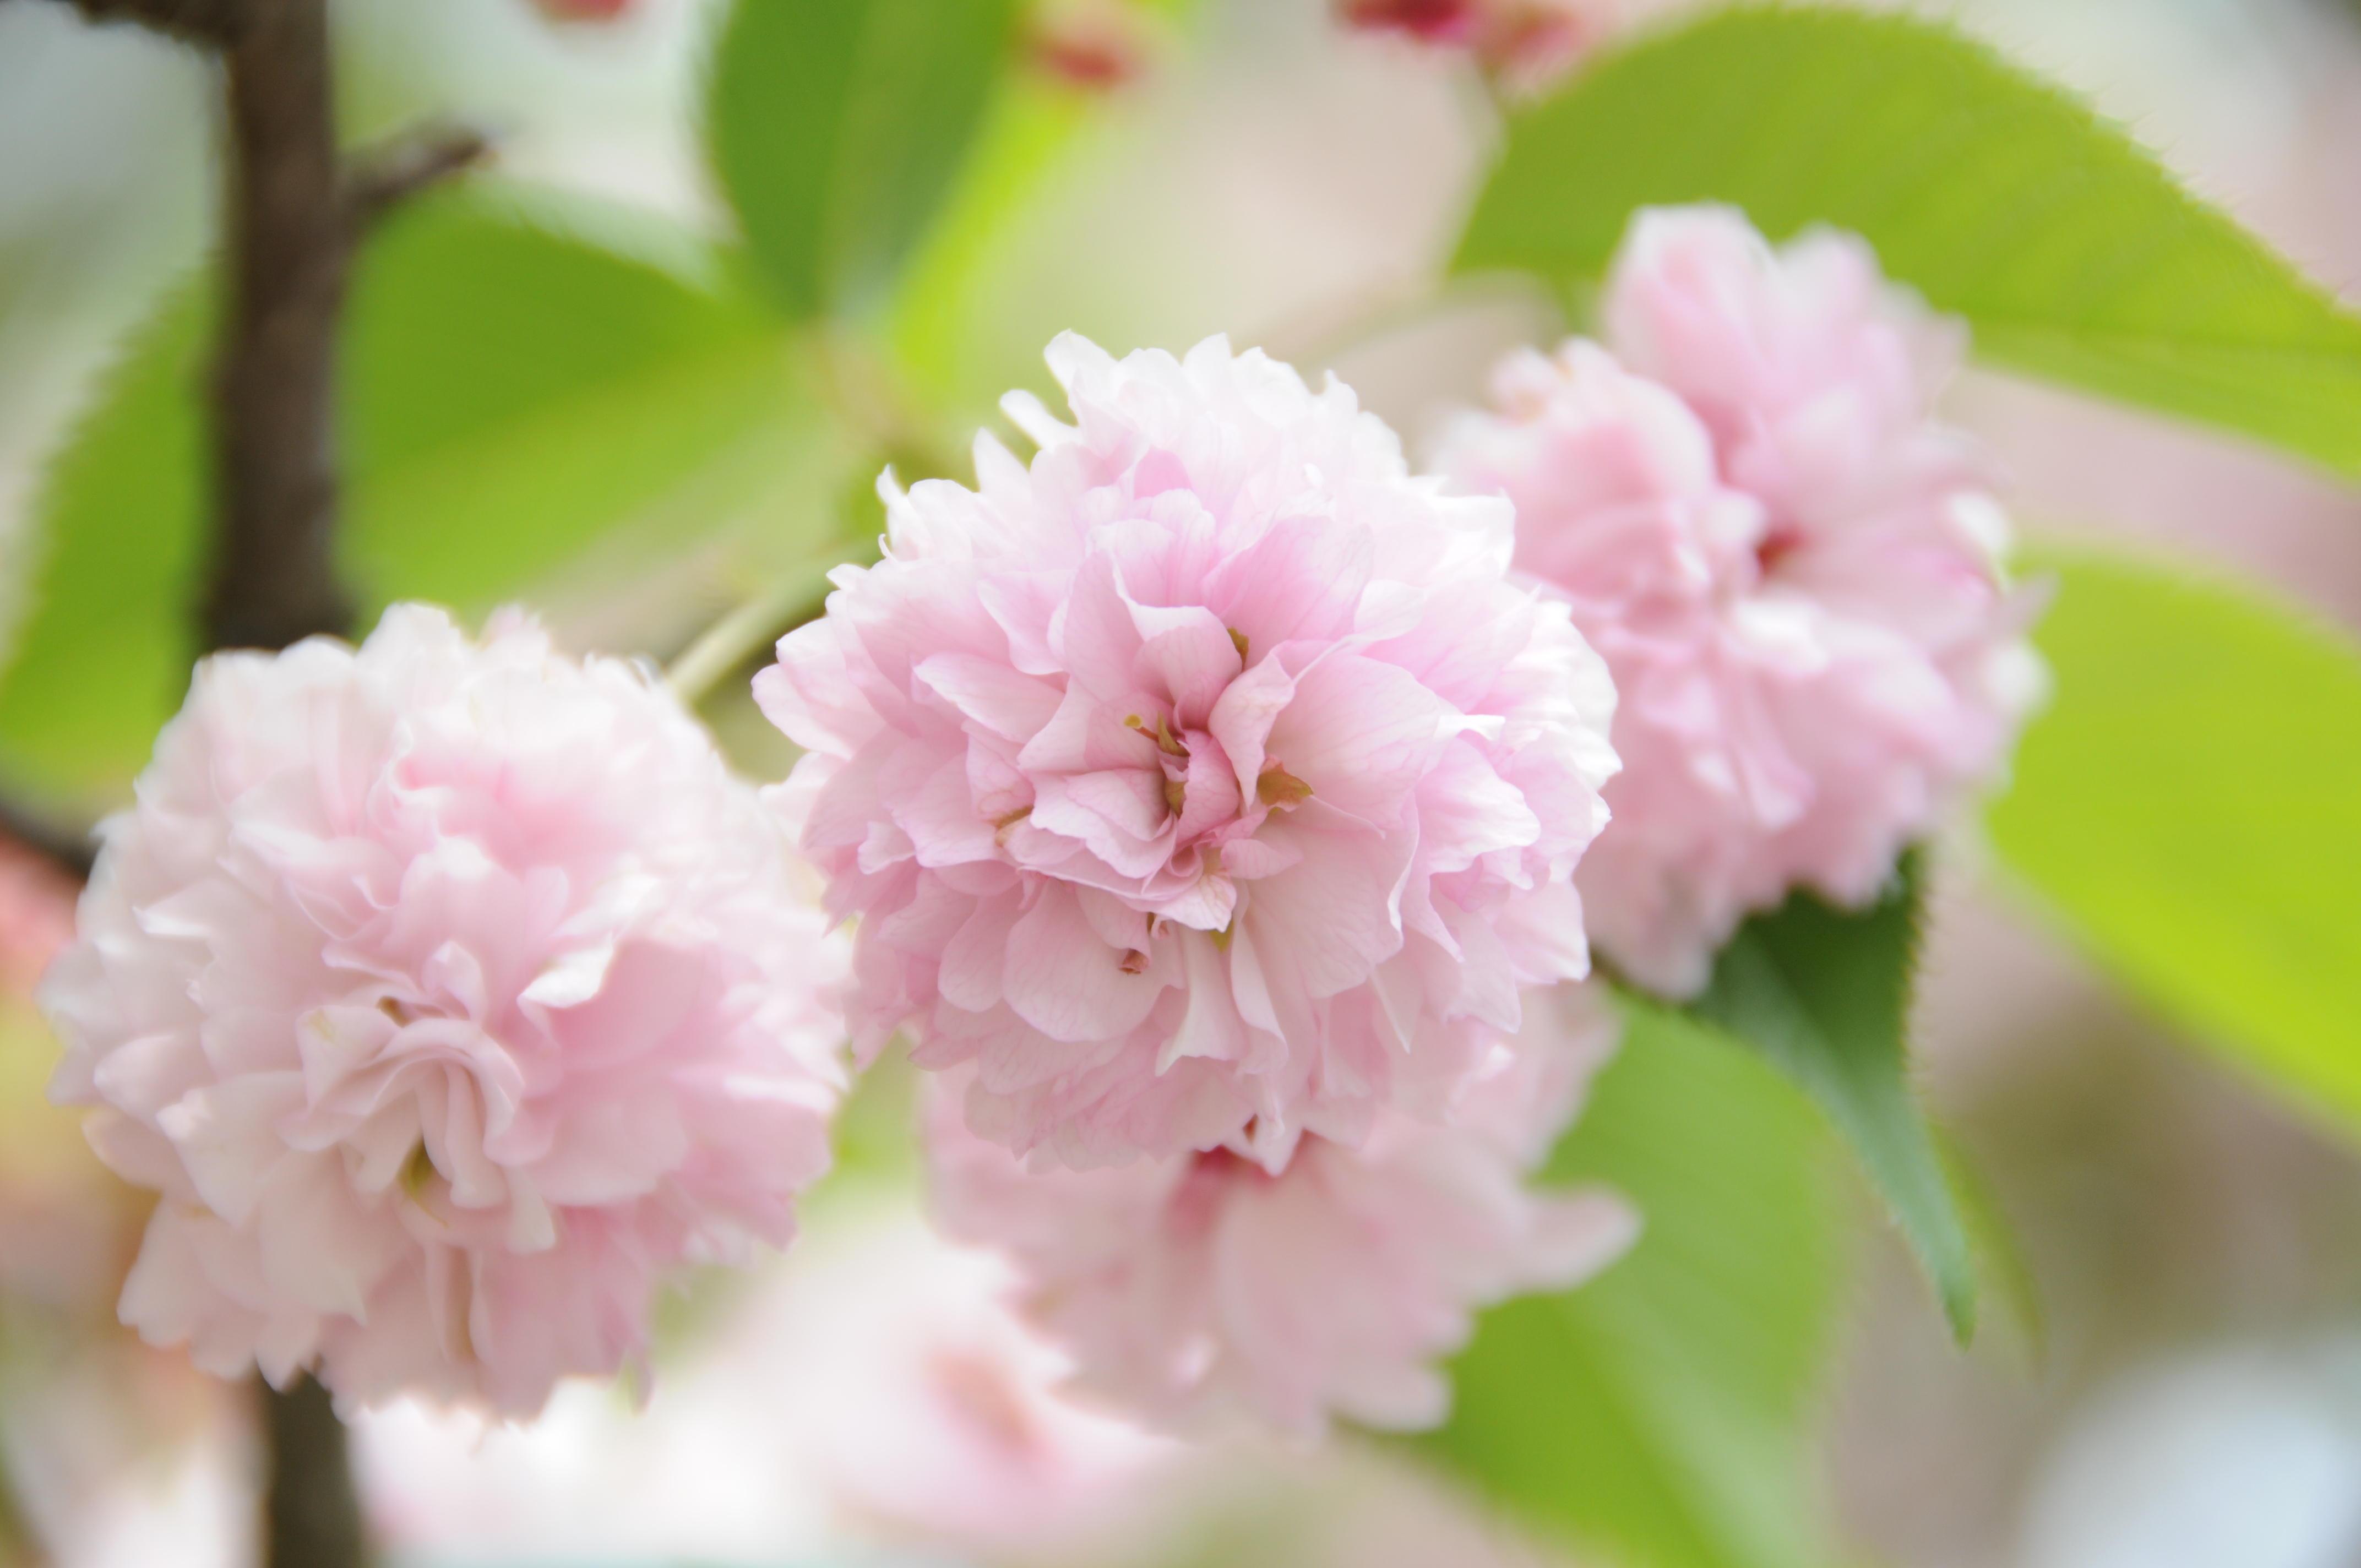 ものすごい花弁の数